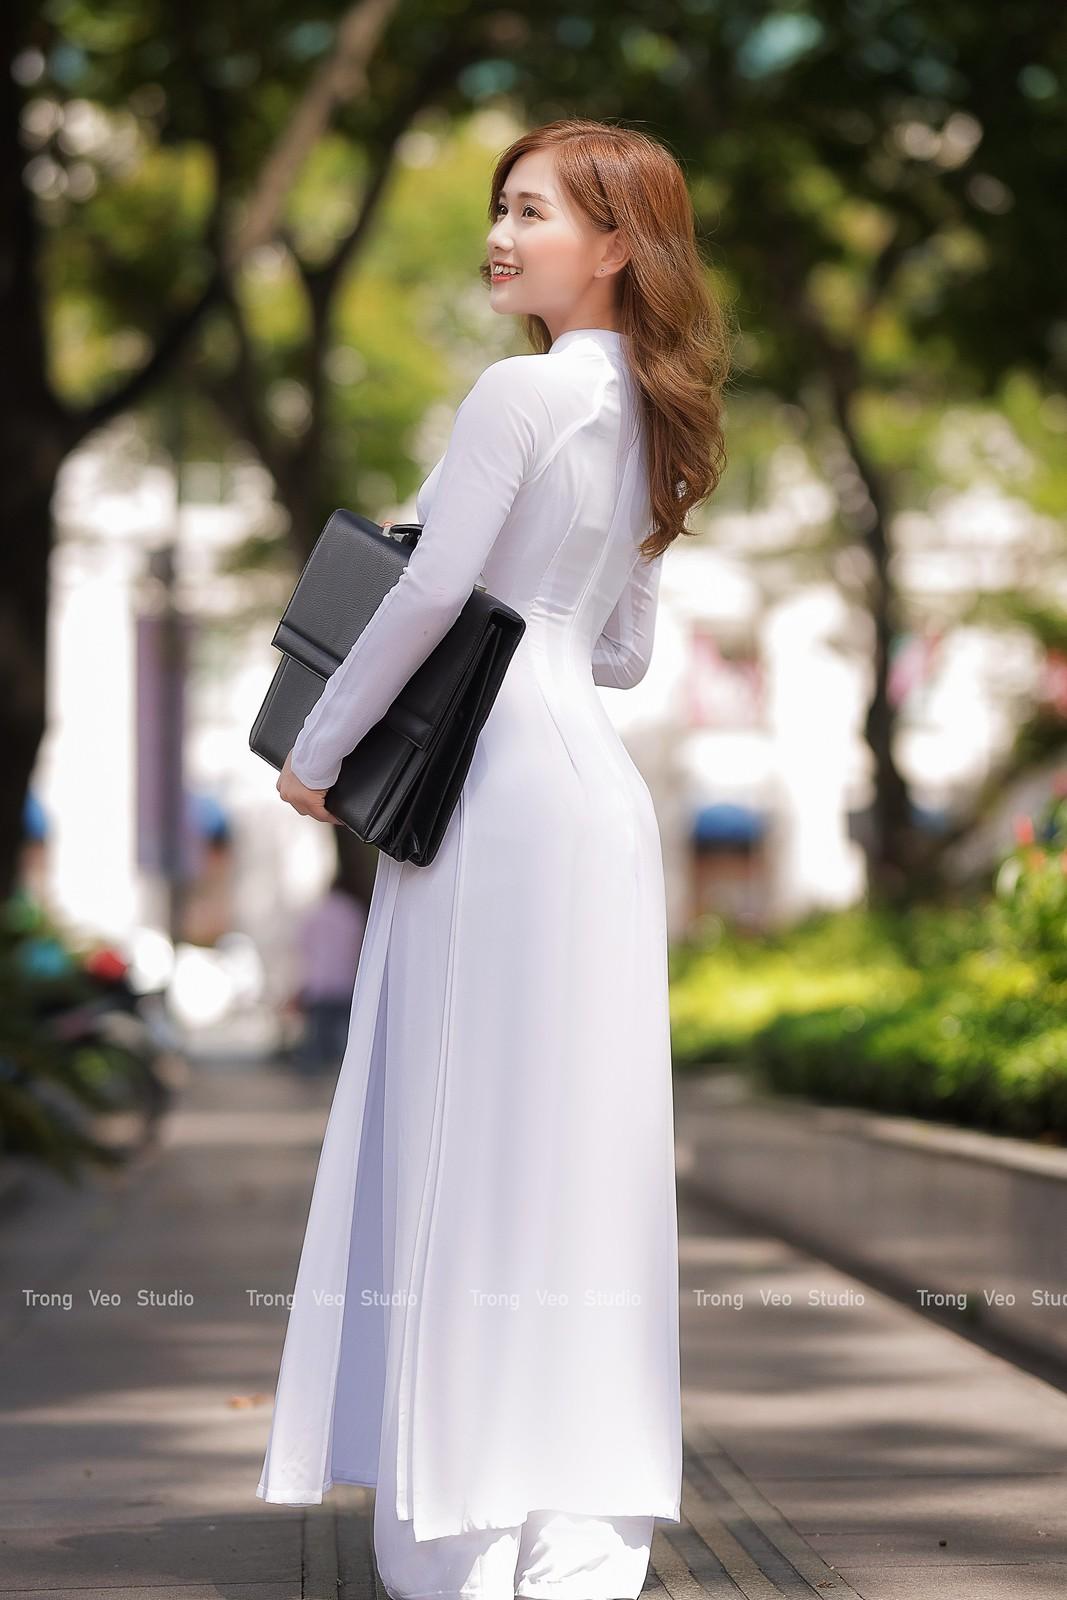 Ngắm hot Girl Thu Hương xinh đẹp như hóa trong tà áo dài trắng bên cúc họa mi - 12